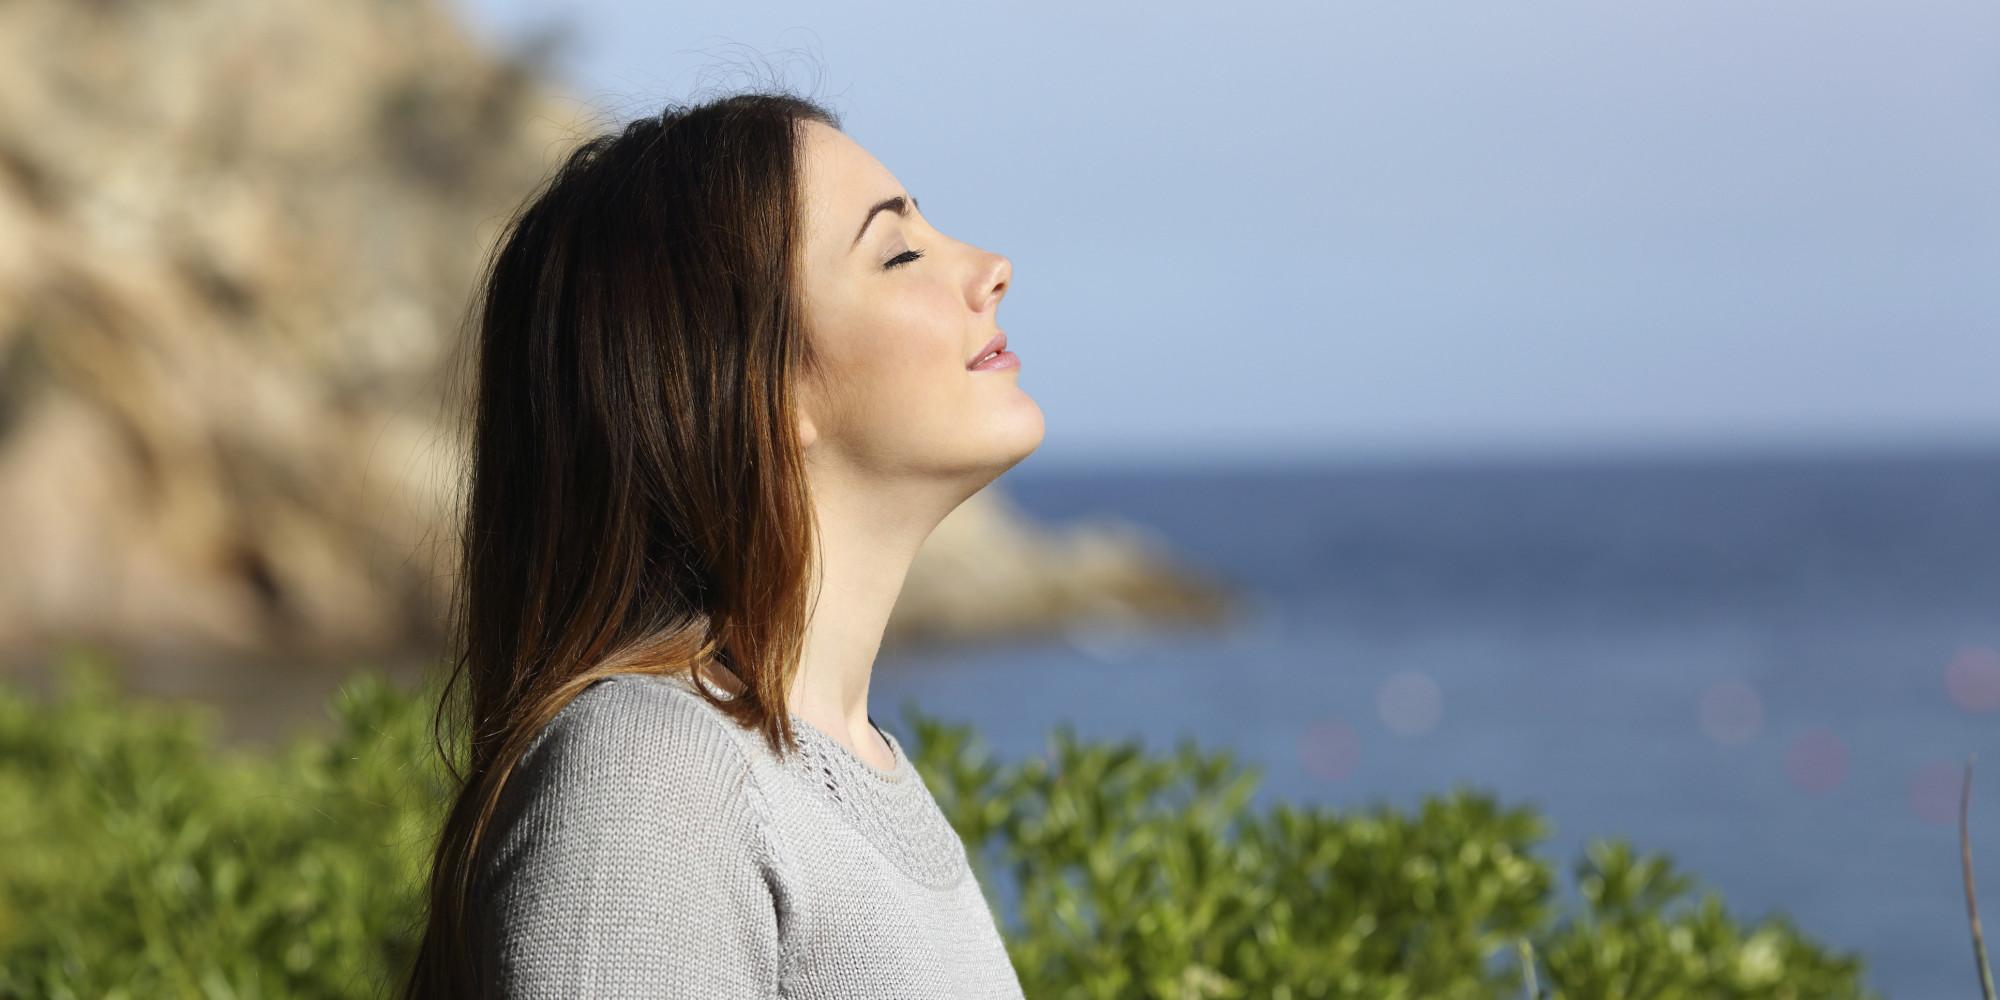 ہنسنے سے سانس کا پرسکون عمل پائیں